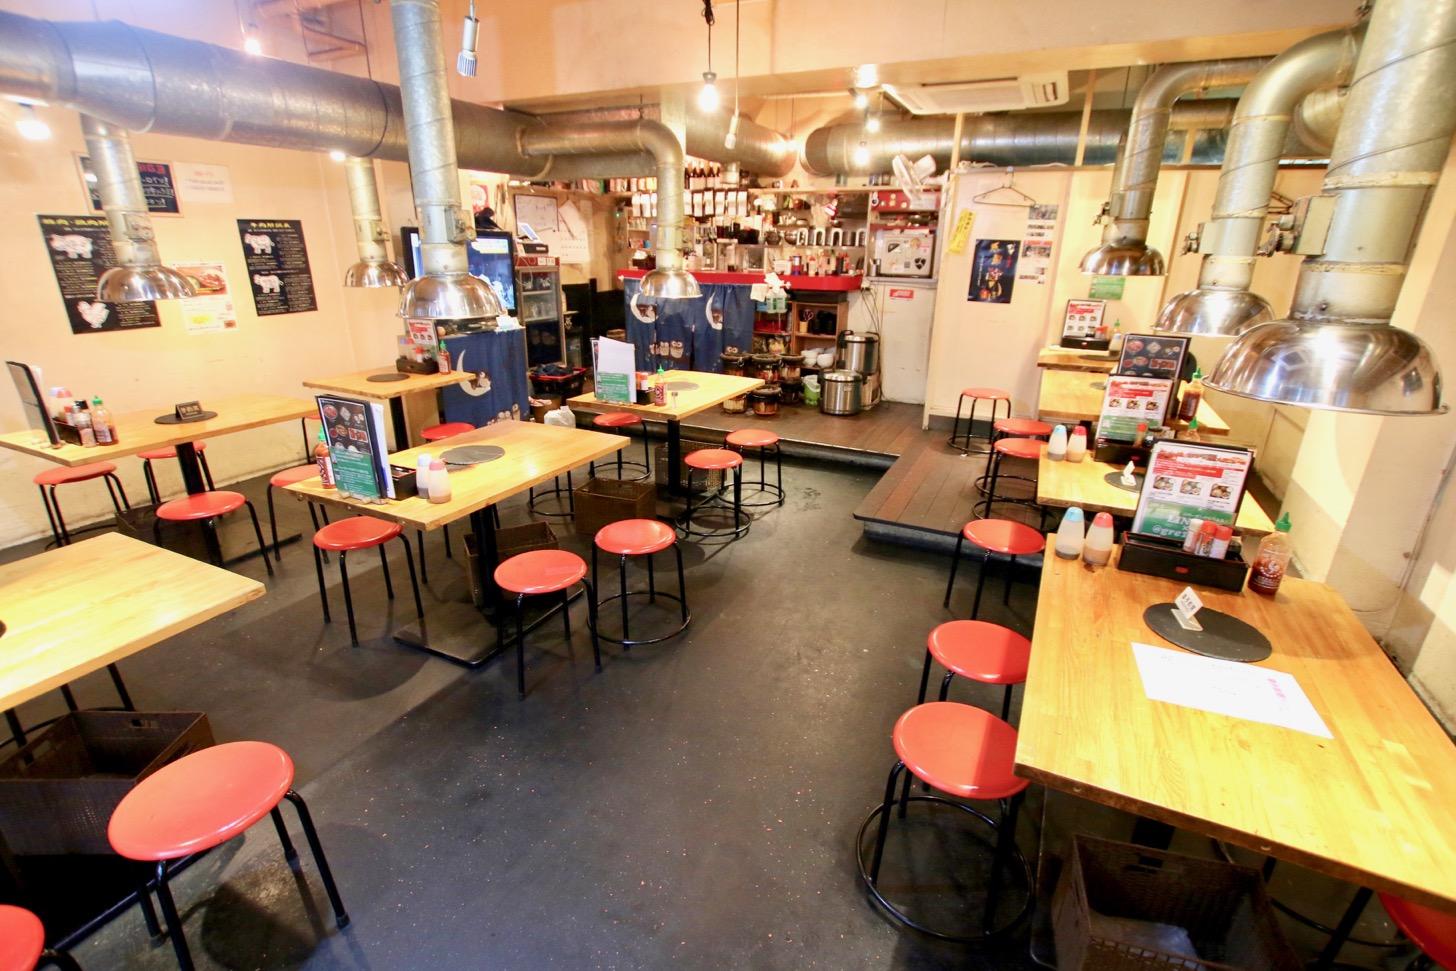 永山のホルモン焼肉屋「ホルモンすず」店内のようす